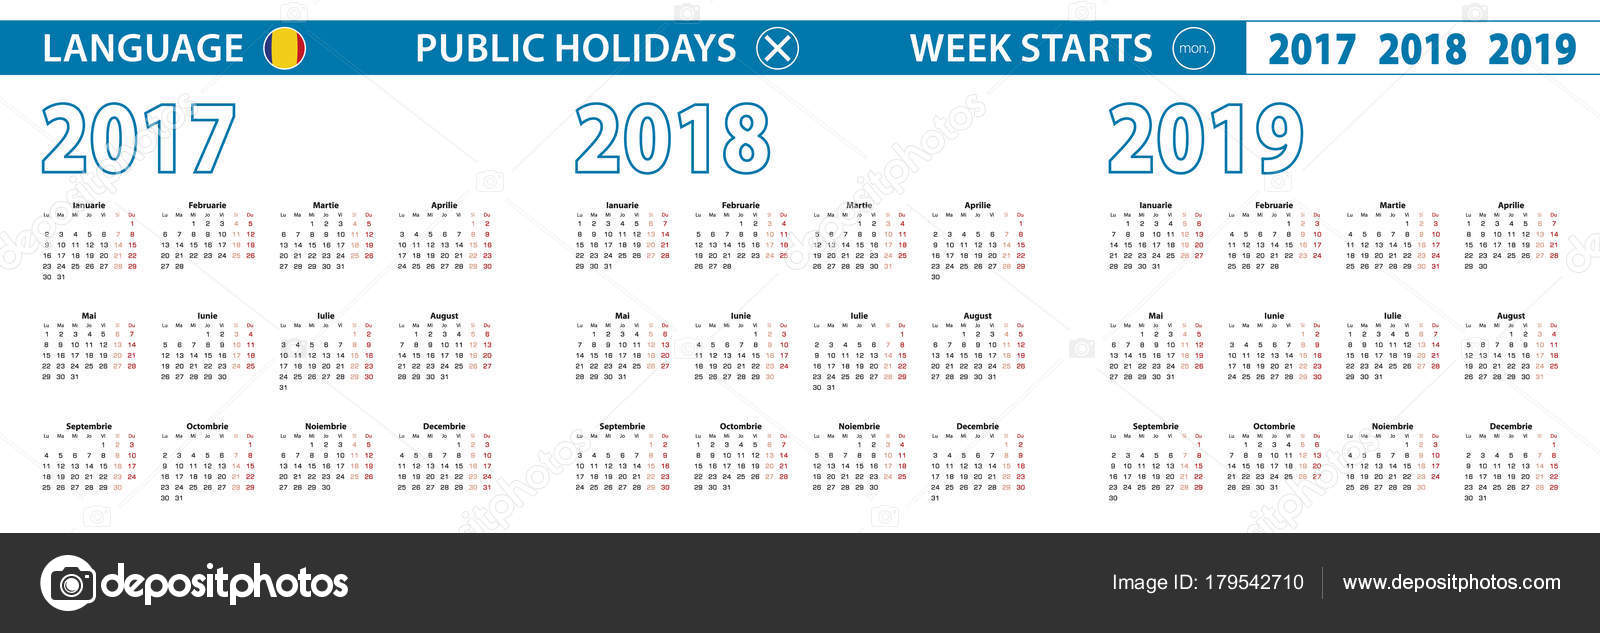 Calendario Romena 2019.Modelo De Calendario Simples Em Romeno Para 2017 2018 2019